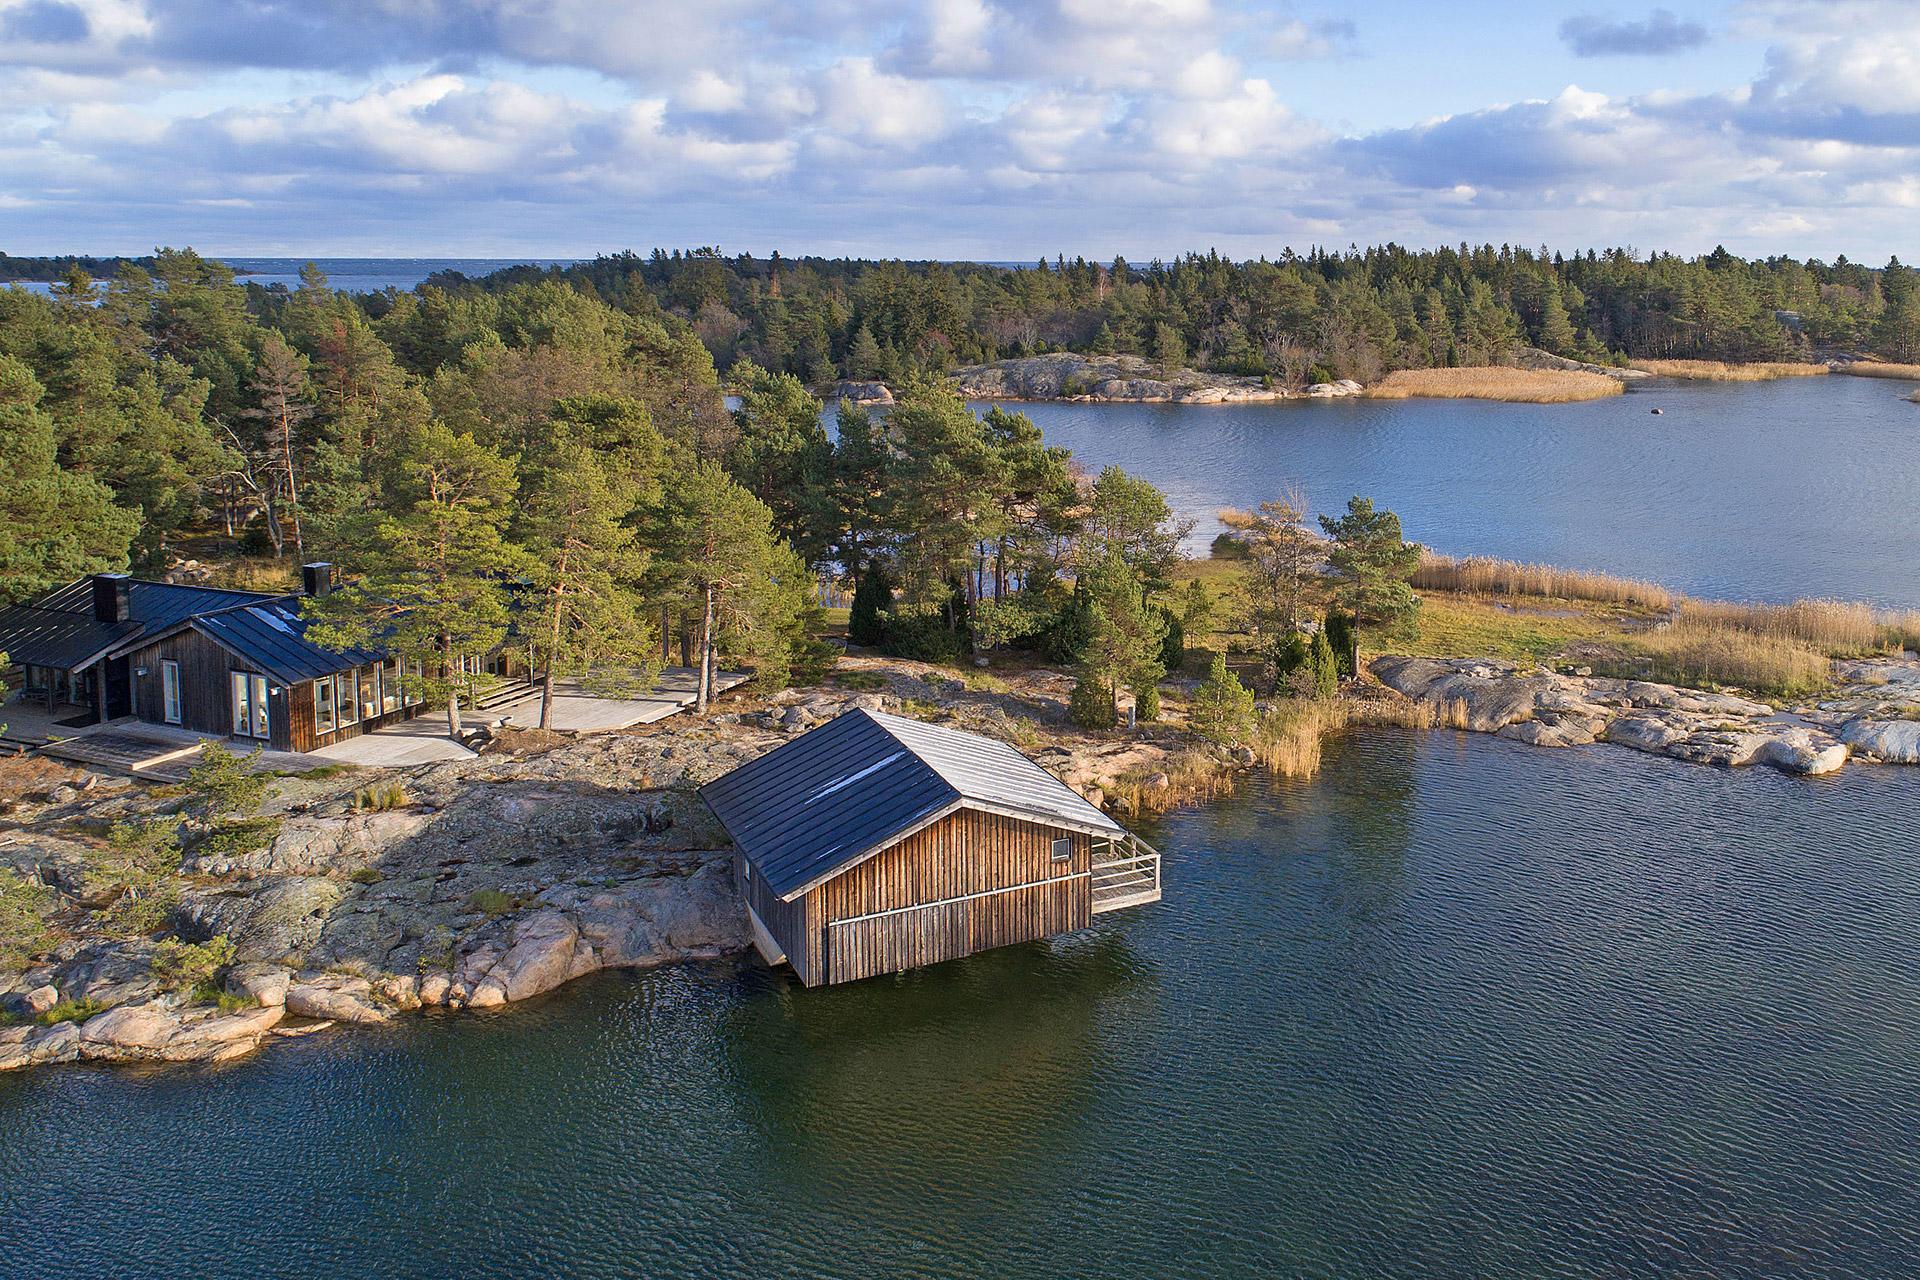 Grillskar Island